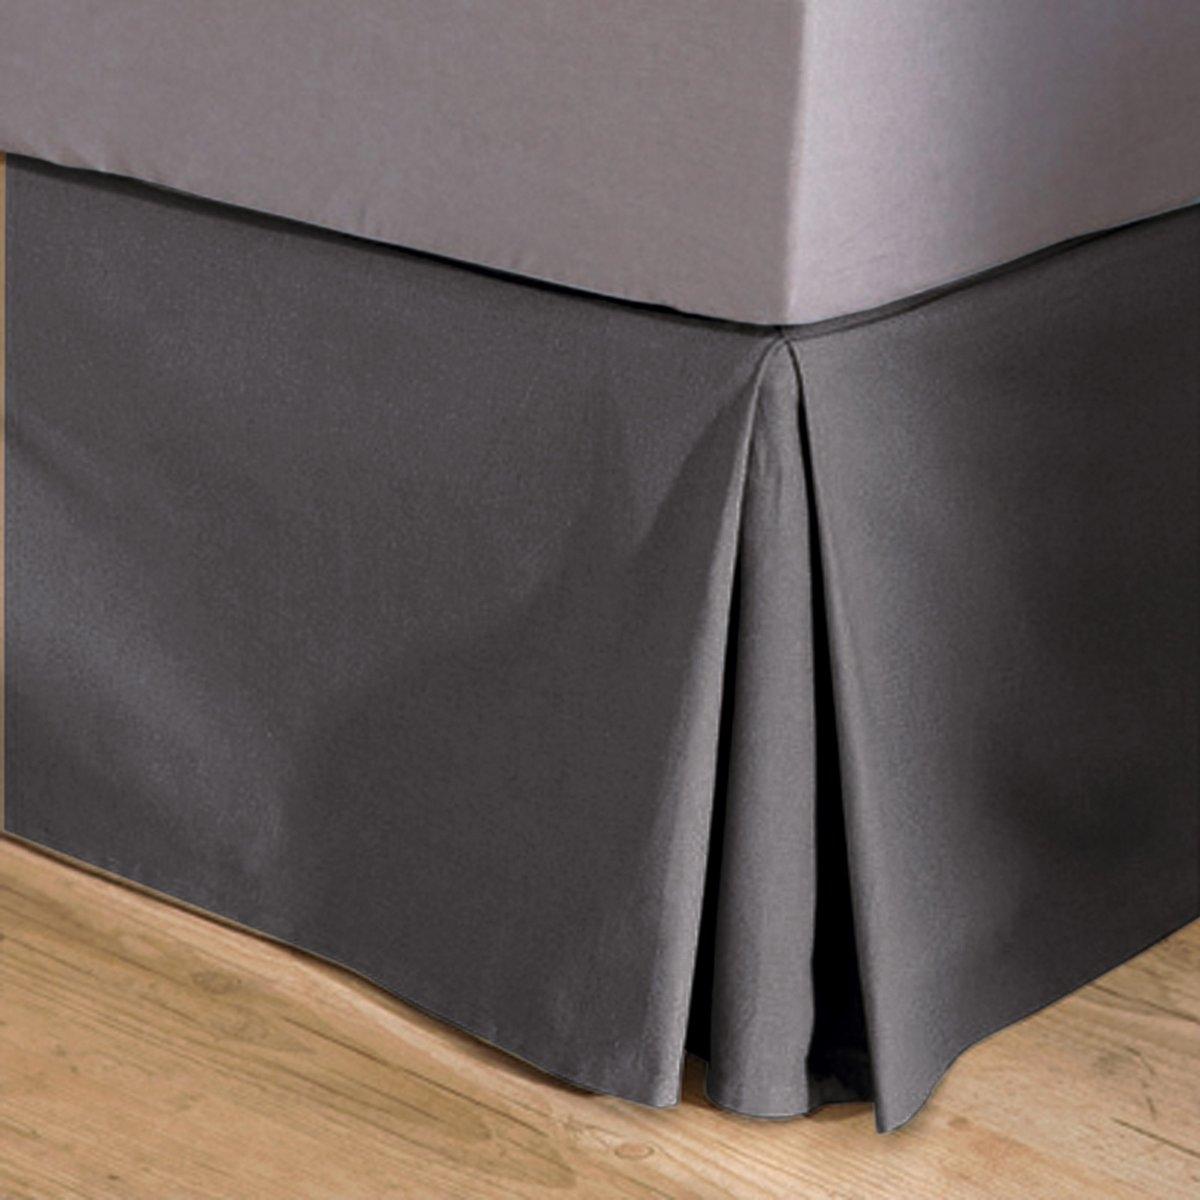 НаматрасникКачество VALEUR S?RE. Плотная, очень прочная и простая в уходе ткань, 100% хлопка (215 г/м?). Изысканная отделка. Закрывает 3 стороны кровати (сторона изголовья не закрыта). Высота боковых клапанов 30 см. Углы со встречными складками. Стирка при 40°.<br><br>Цвет: антрацит,белый,медовый,облачно-серый,розовая пудра,серо-коричневый каштан,сине-зеленый,синий индиго,сливовый,черный,экрю<br>Размер: 90 x 190 см.140 x 190  см.160 x 200 см.90 x 190 см.90 x 190 см.140 x 190  см.90 x 190 см.140 x 190  см.90 x 190 см.160 x 200 см